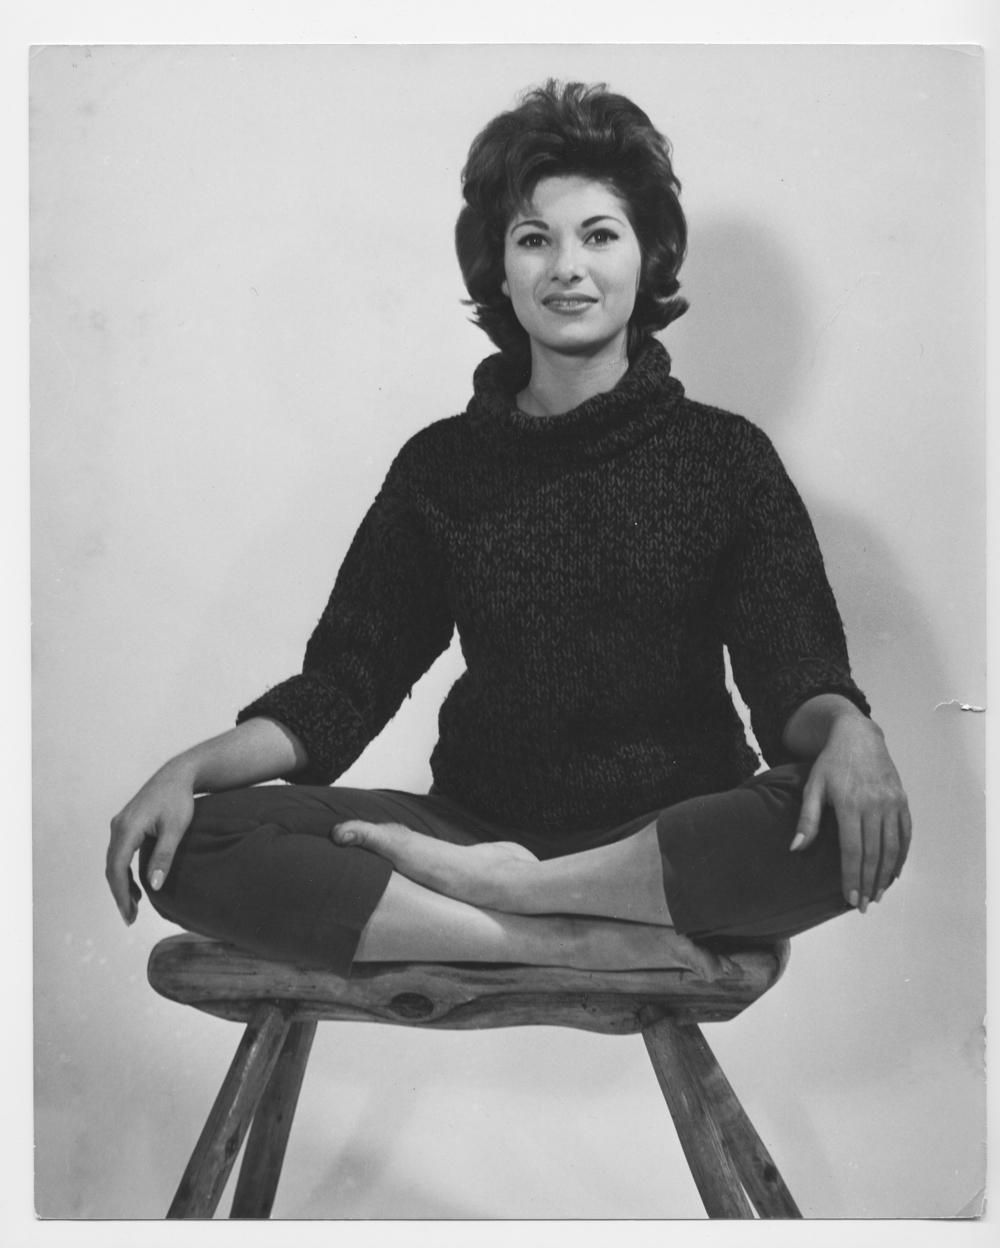 Julie003-1960.jpg